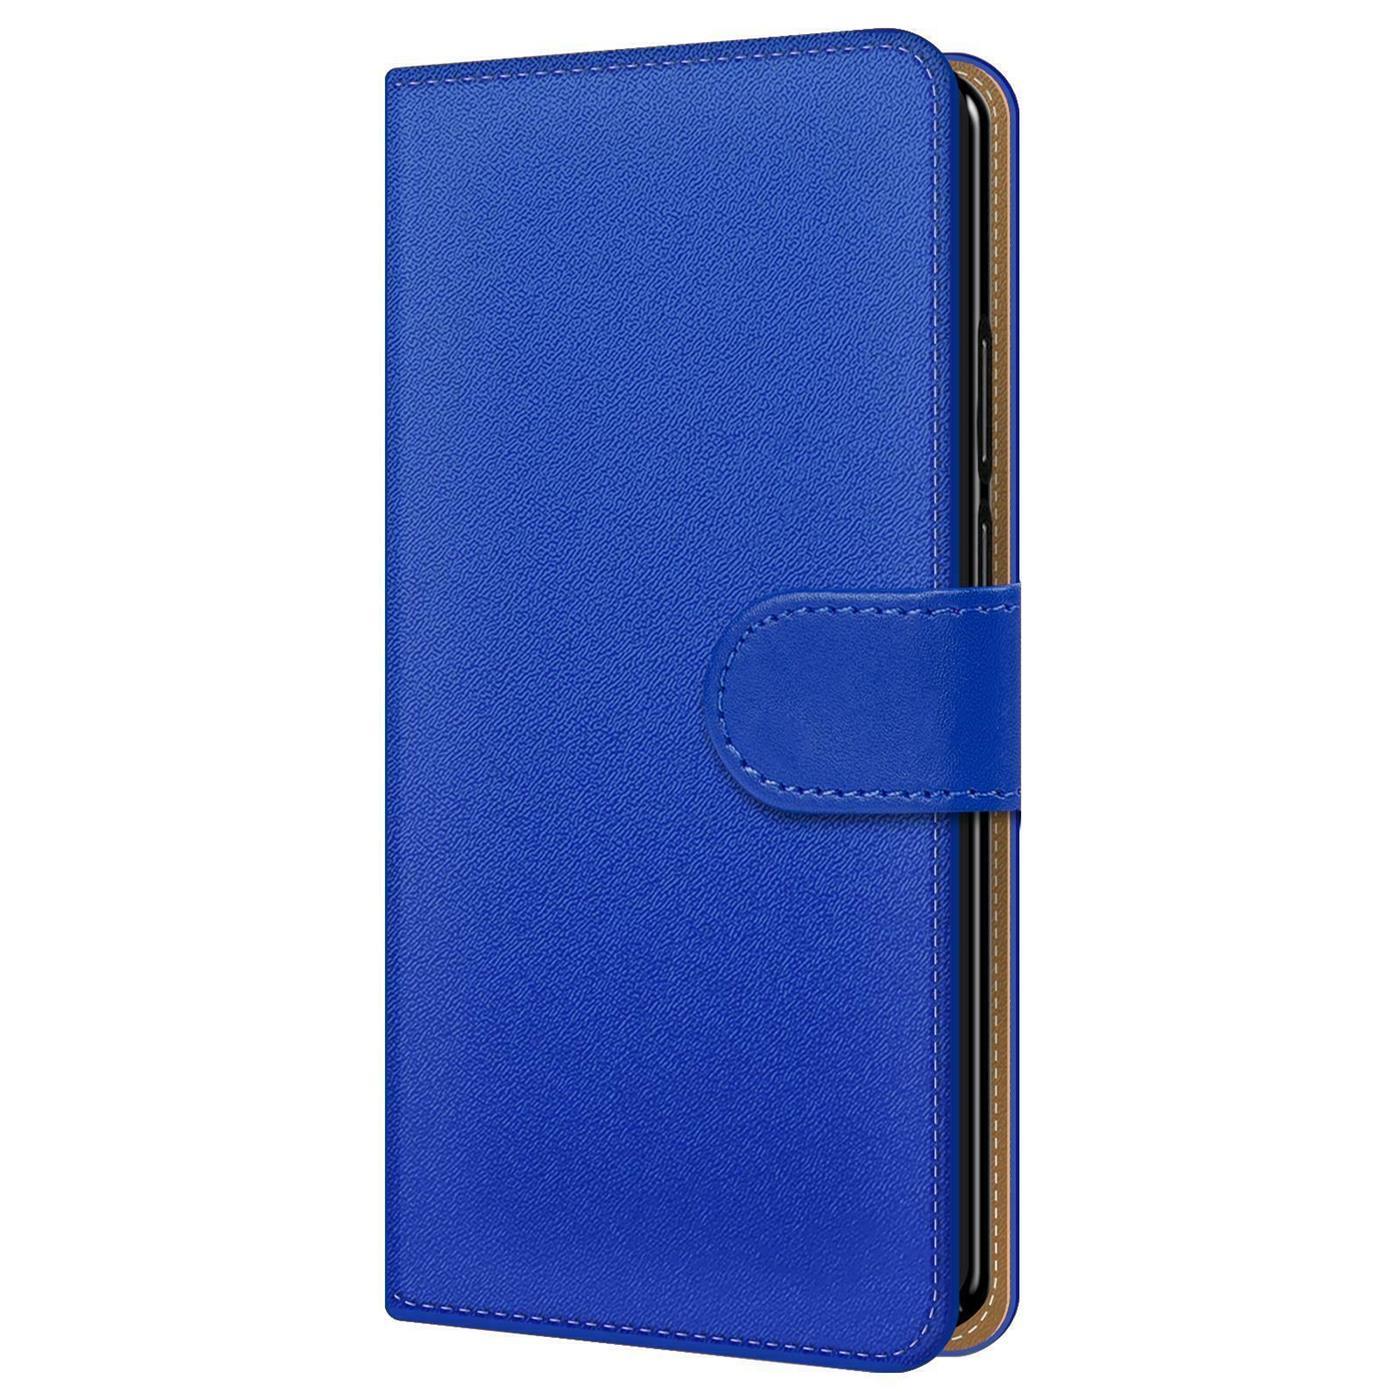 Samsung-Galaxy-A7-2018-Handy-Klapp-Tasche-Schutz-Huelle-Book-Flip-Cover-Case-Etui Indexbild 14